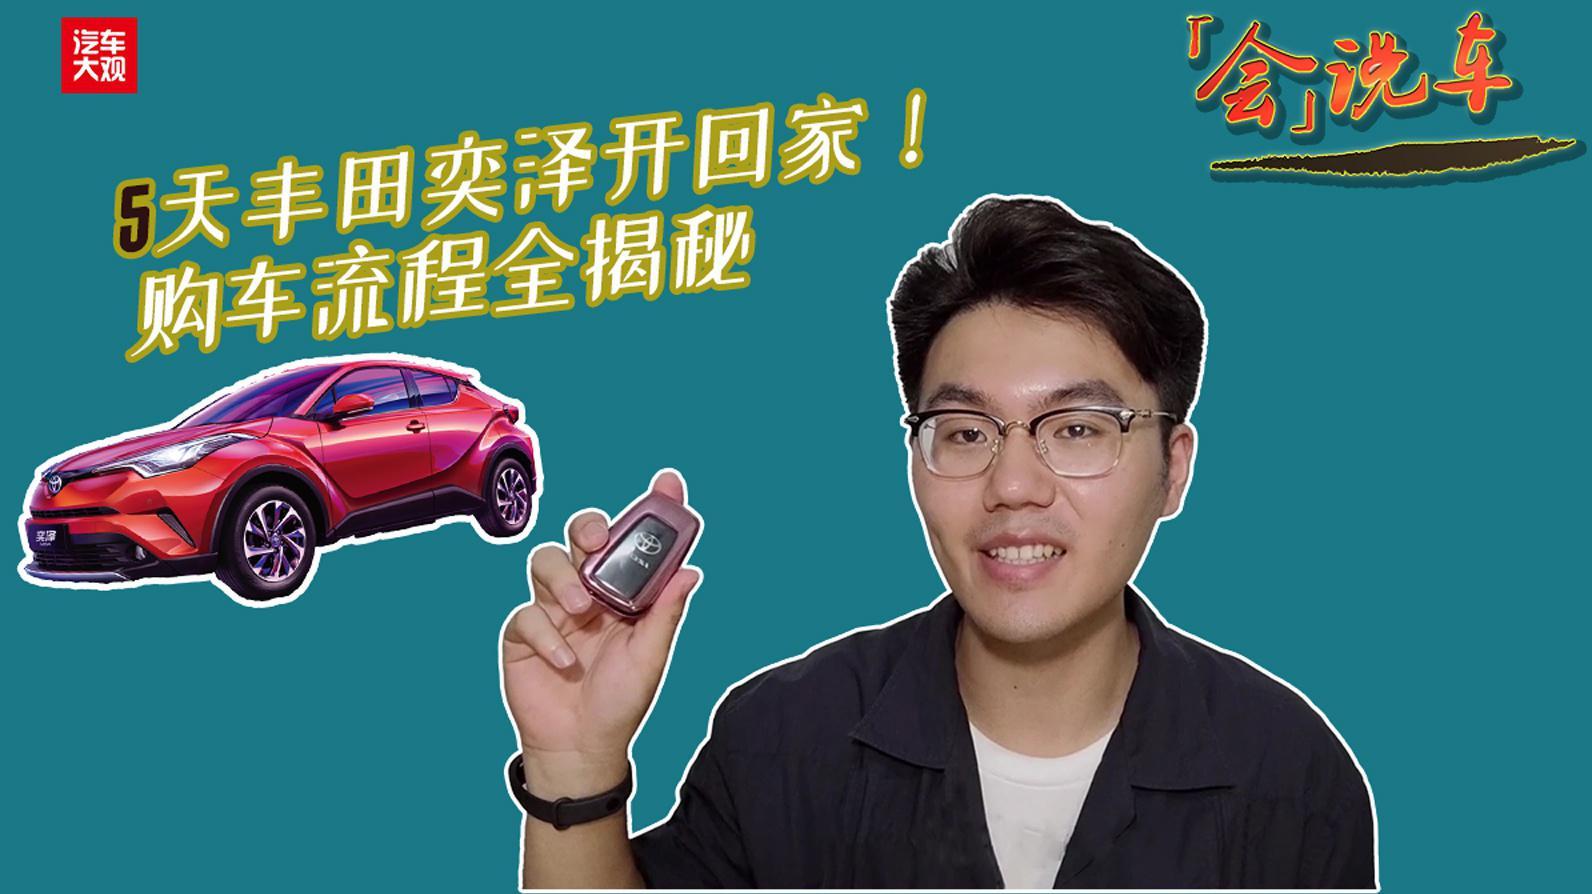 视频:5天丰田奕泽开回家!购车流程全揭秘